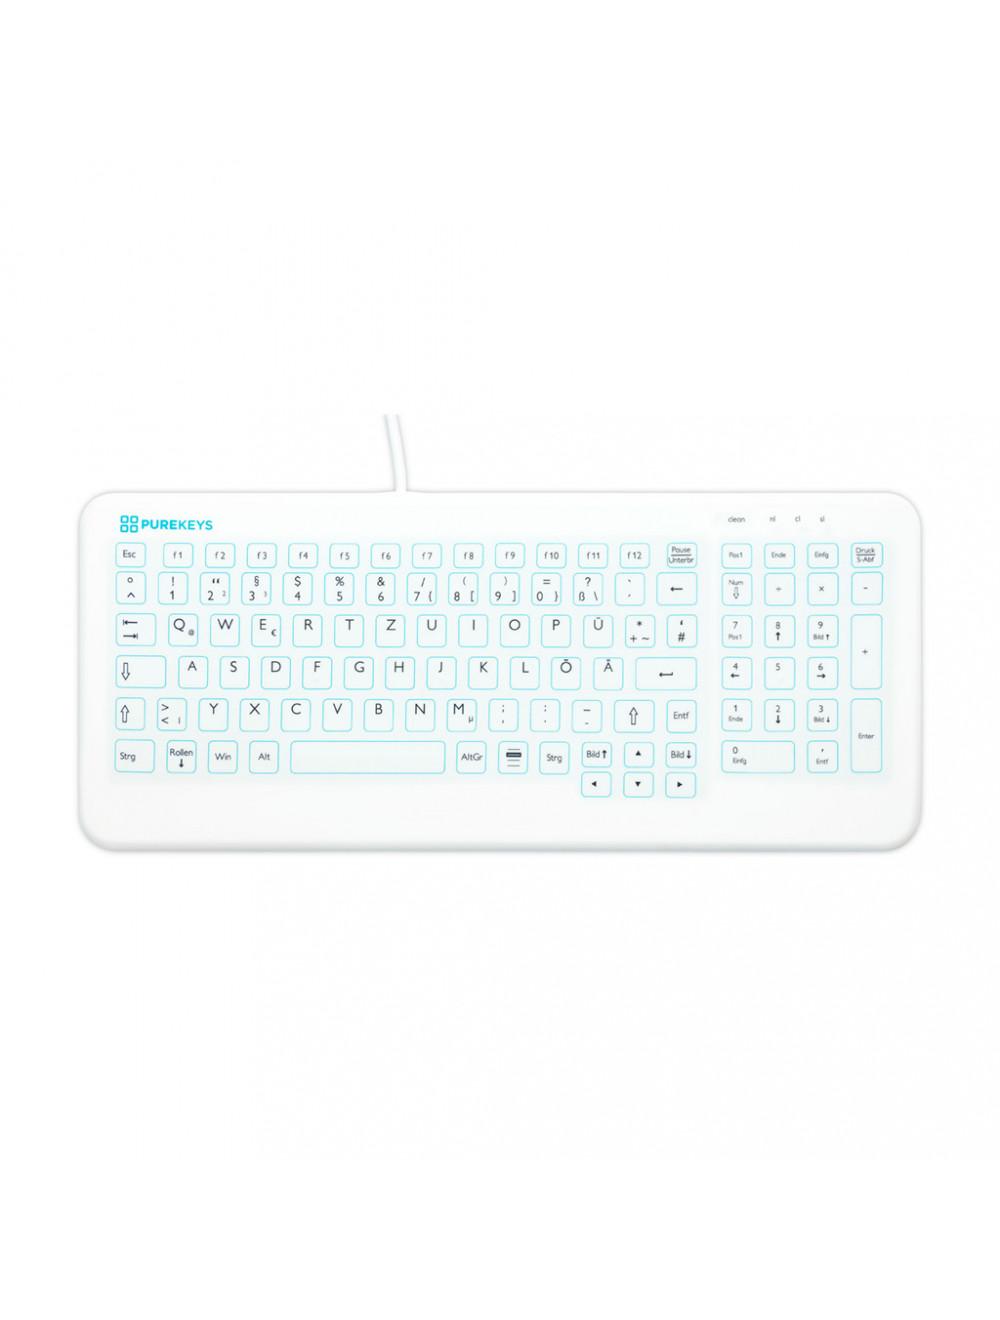 Das Produkt PUREKEYS Medizinische Tastatur Flach für Arztpraxen, IP 66 Schutzklasse, USB-Anschluss, QWERTZ,  30004900 aus dem Global-dent online shop.